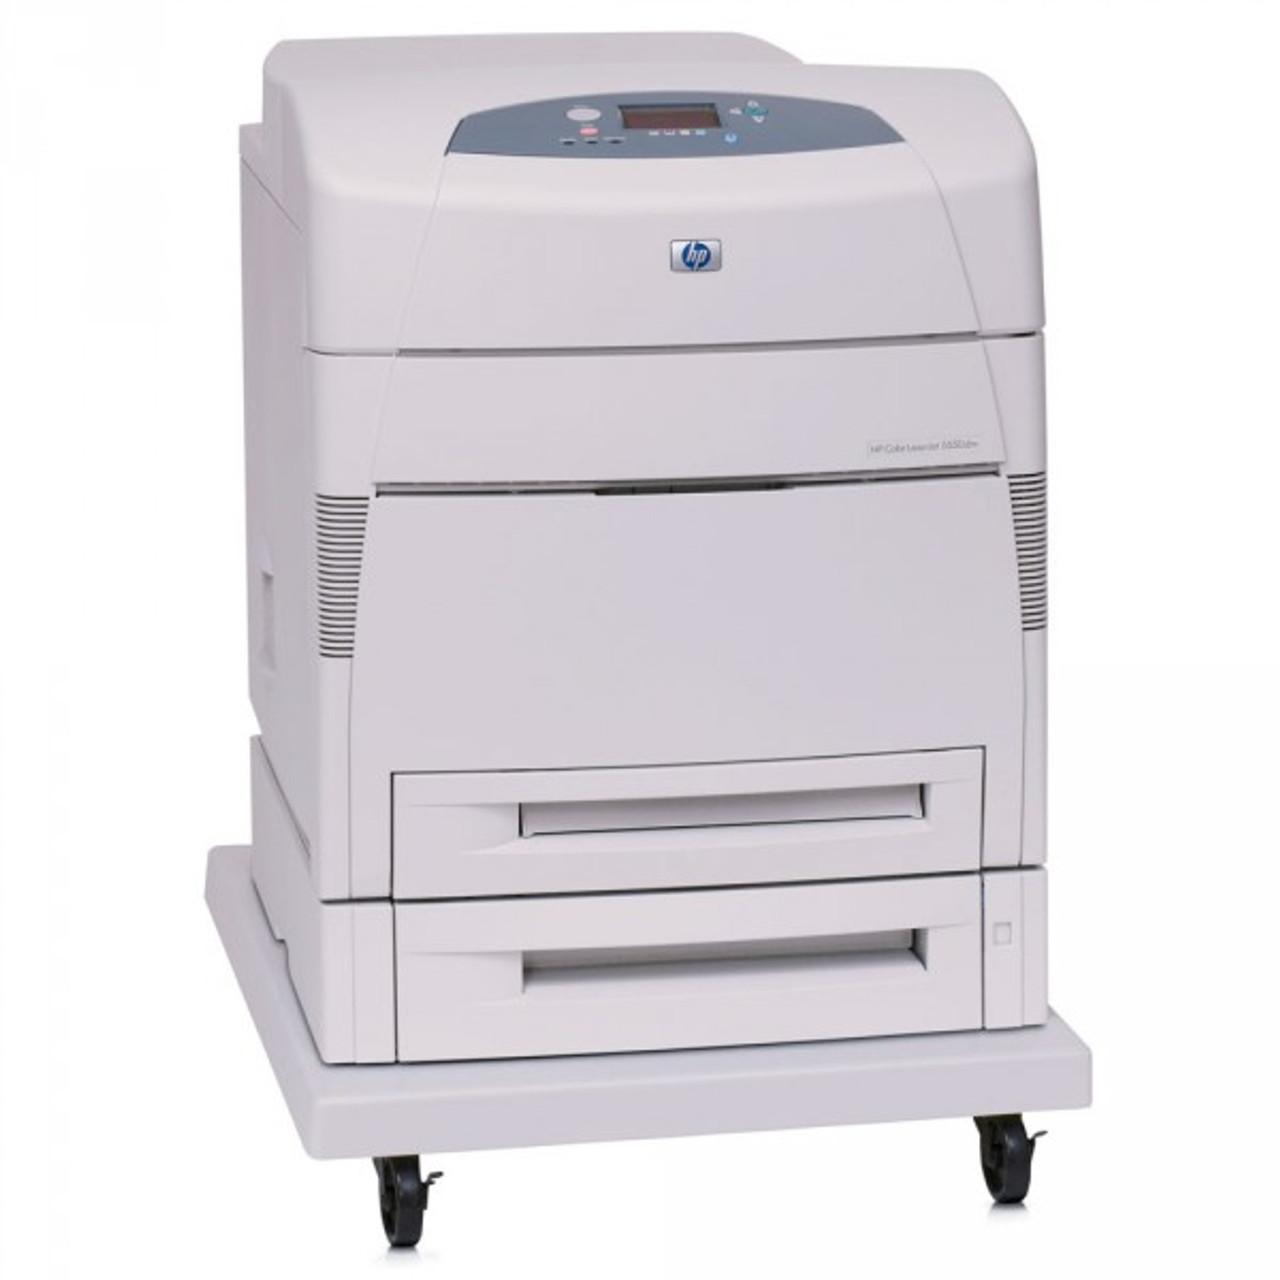 HP Color LaserJet 5550dtn - Q3716AR - HP Laser Printer for sale